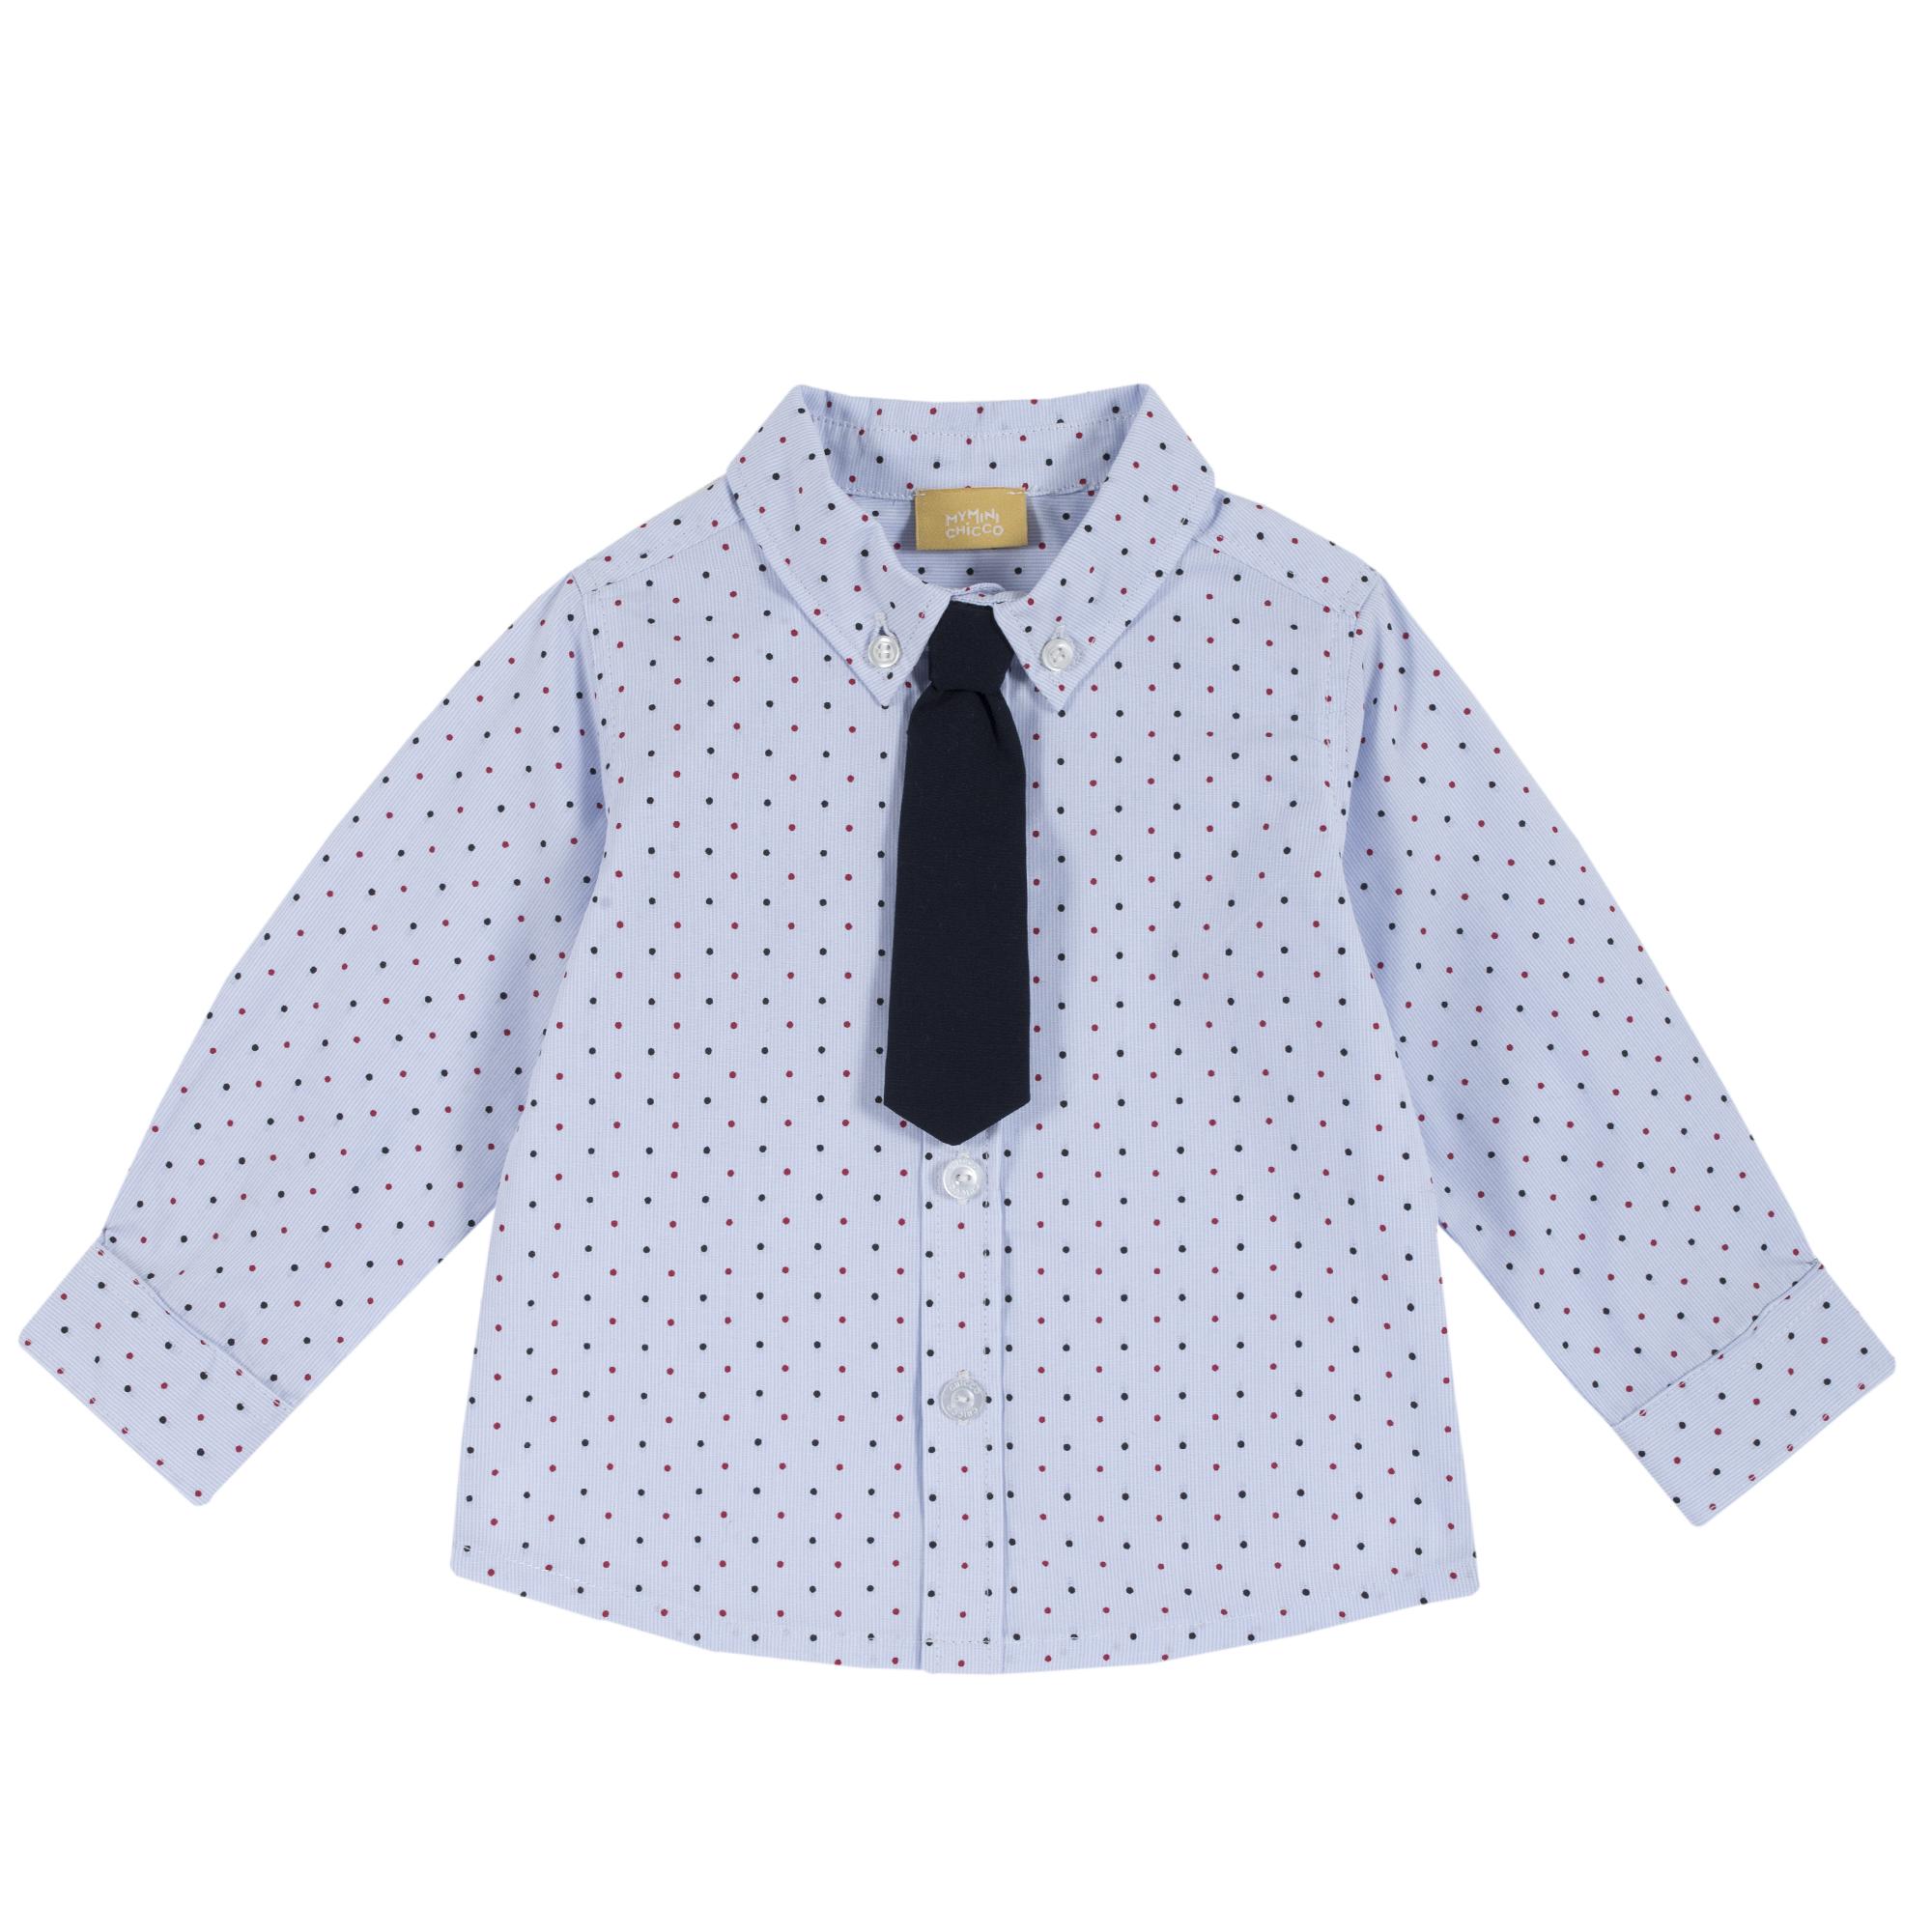 Camasa copii Chicco, maneca lunga si cravata, 54494 din categoria Camasi copii